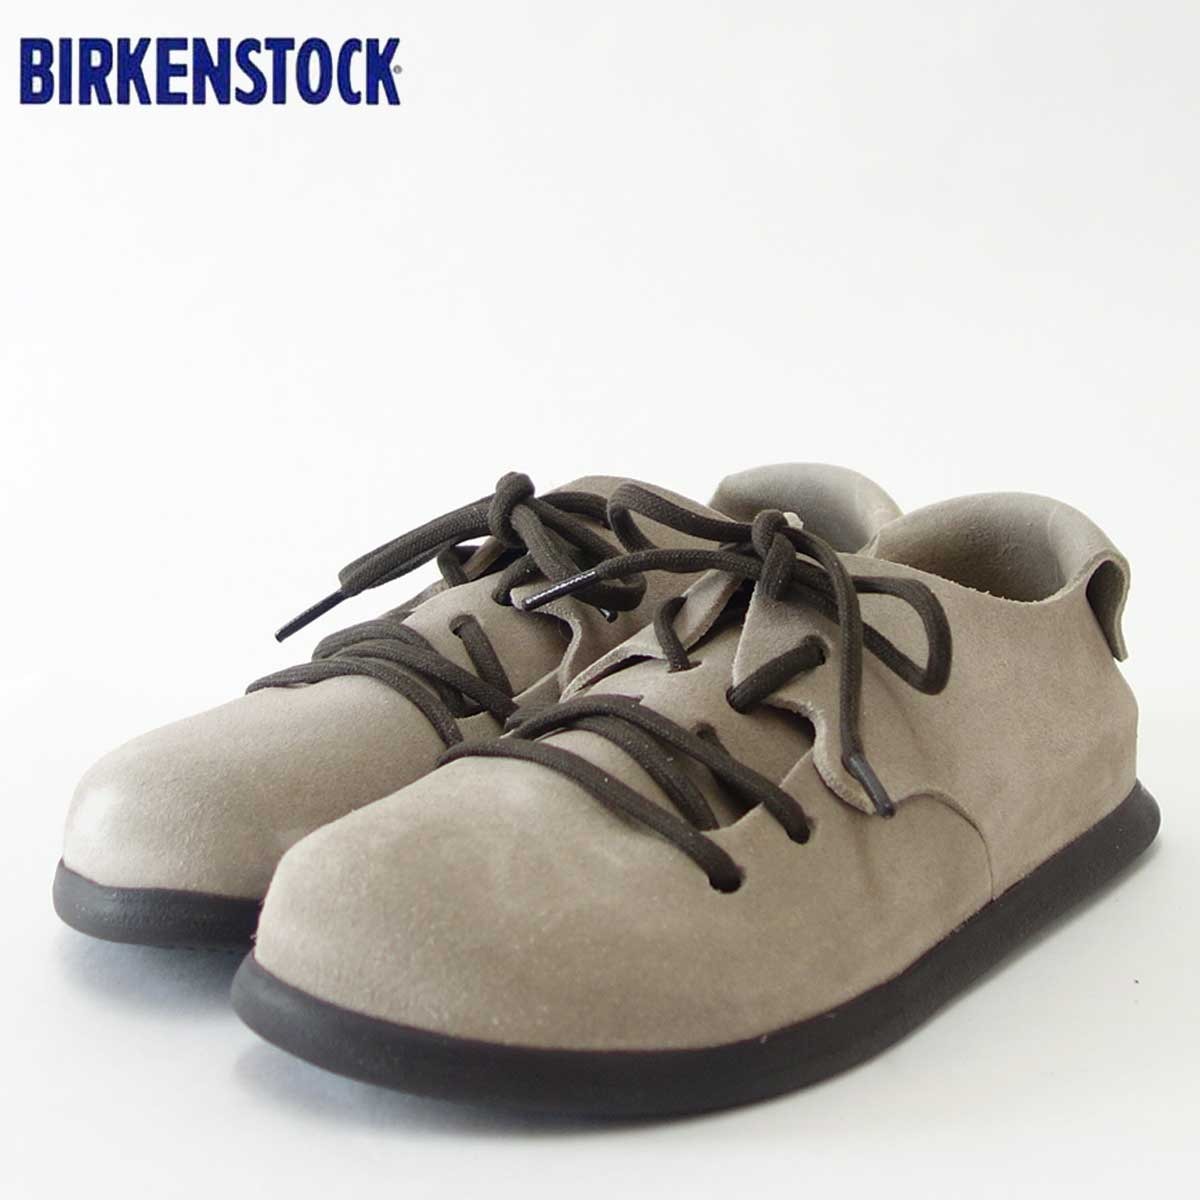 BIRKENSTOCK(ビルケンシュトック)Montana(モンタナ)幅狭(ナローフィット)GC 1006239(スエードレザー/トープ)ドイツ生まれの快適フットベッド(正規輸入品)「靴」